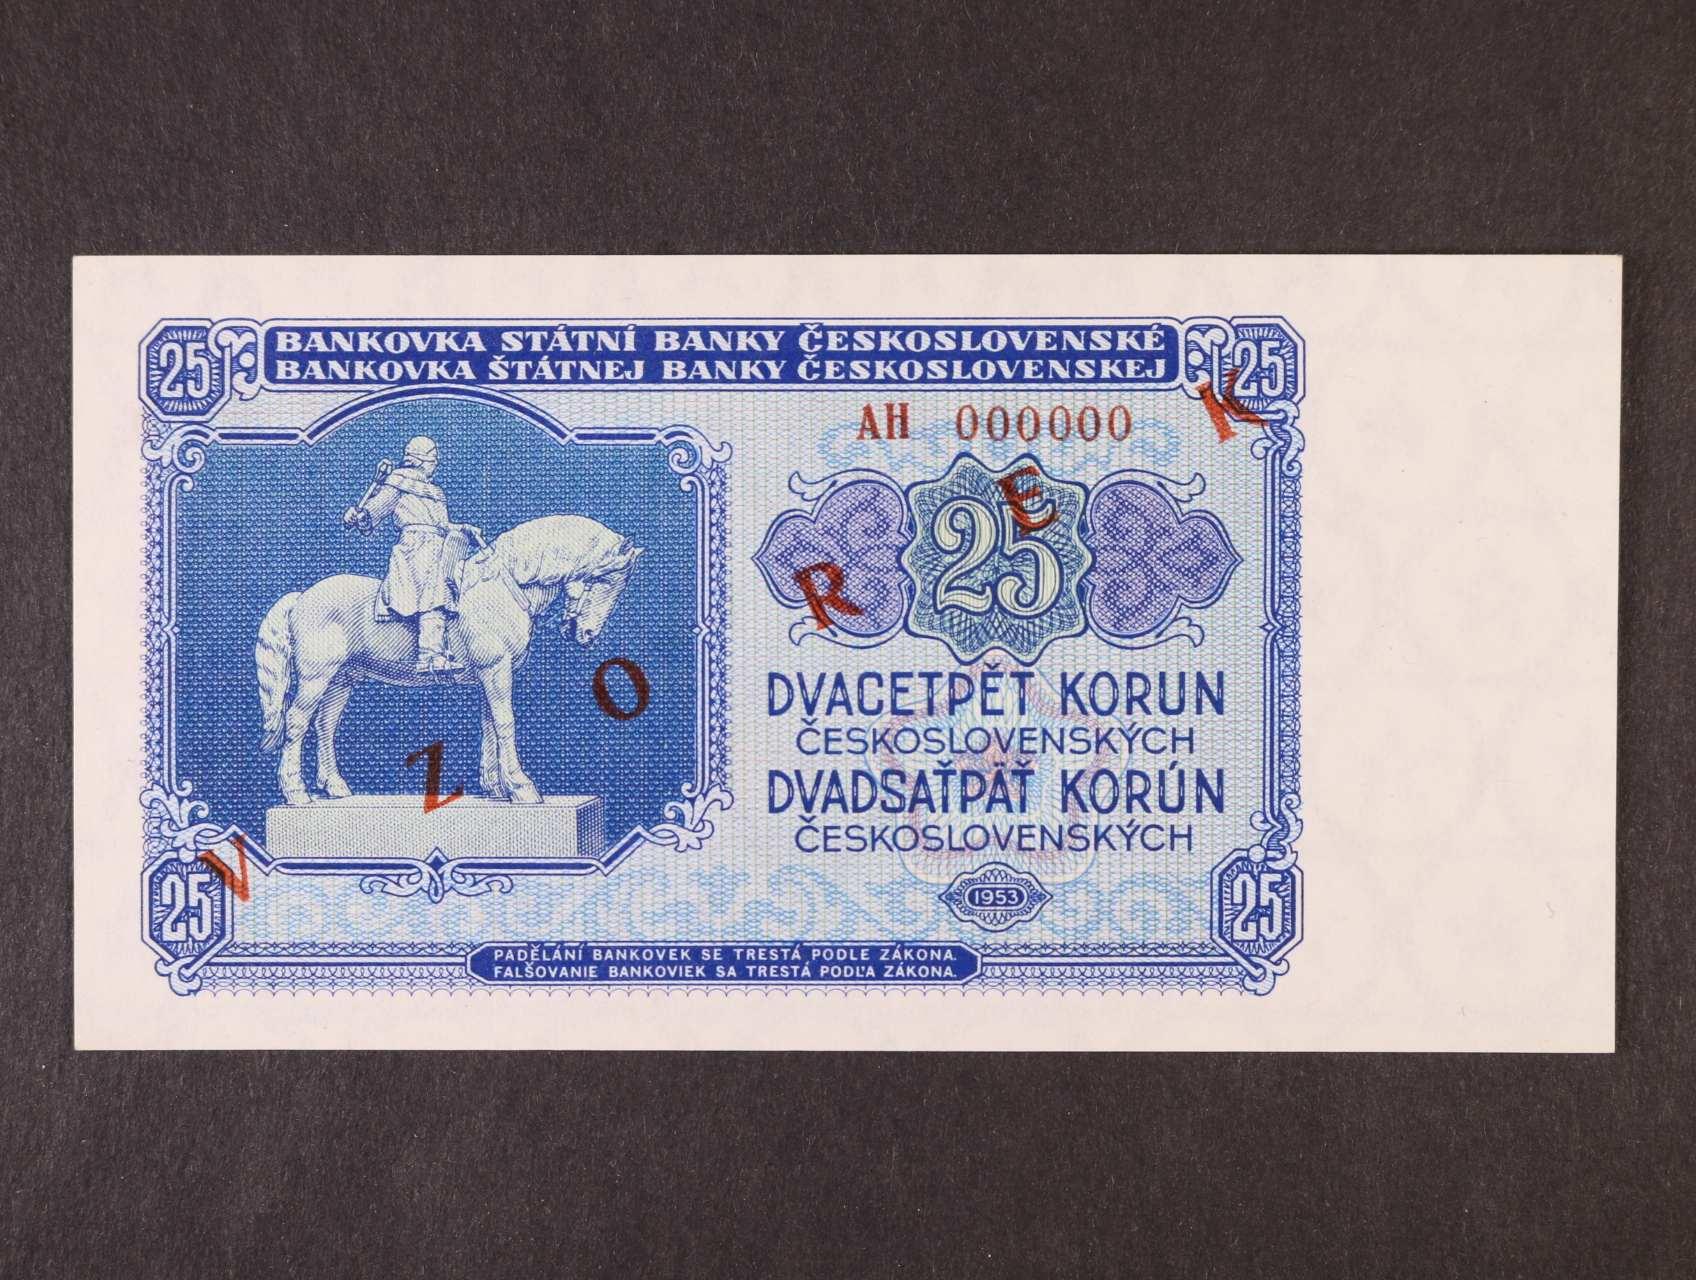 25 Kčs 1953 anulát série AH s přetiskem VZOREK, Ba. 90s, Pi. 84s, Kar. 88/a